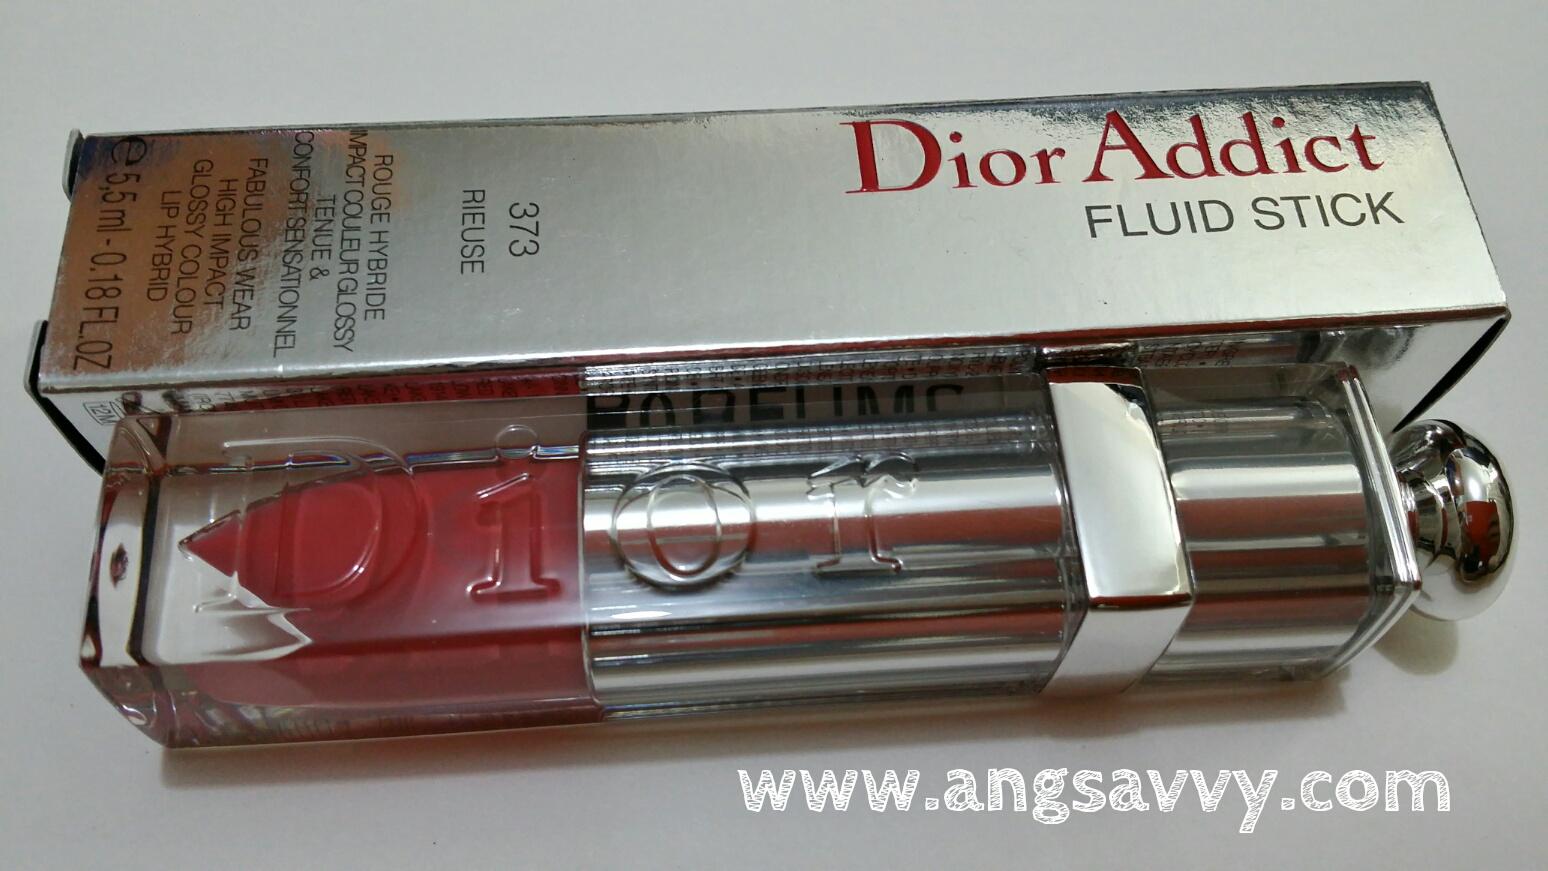 dior, addict, fluid stick, 373, rieuse